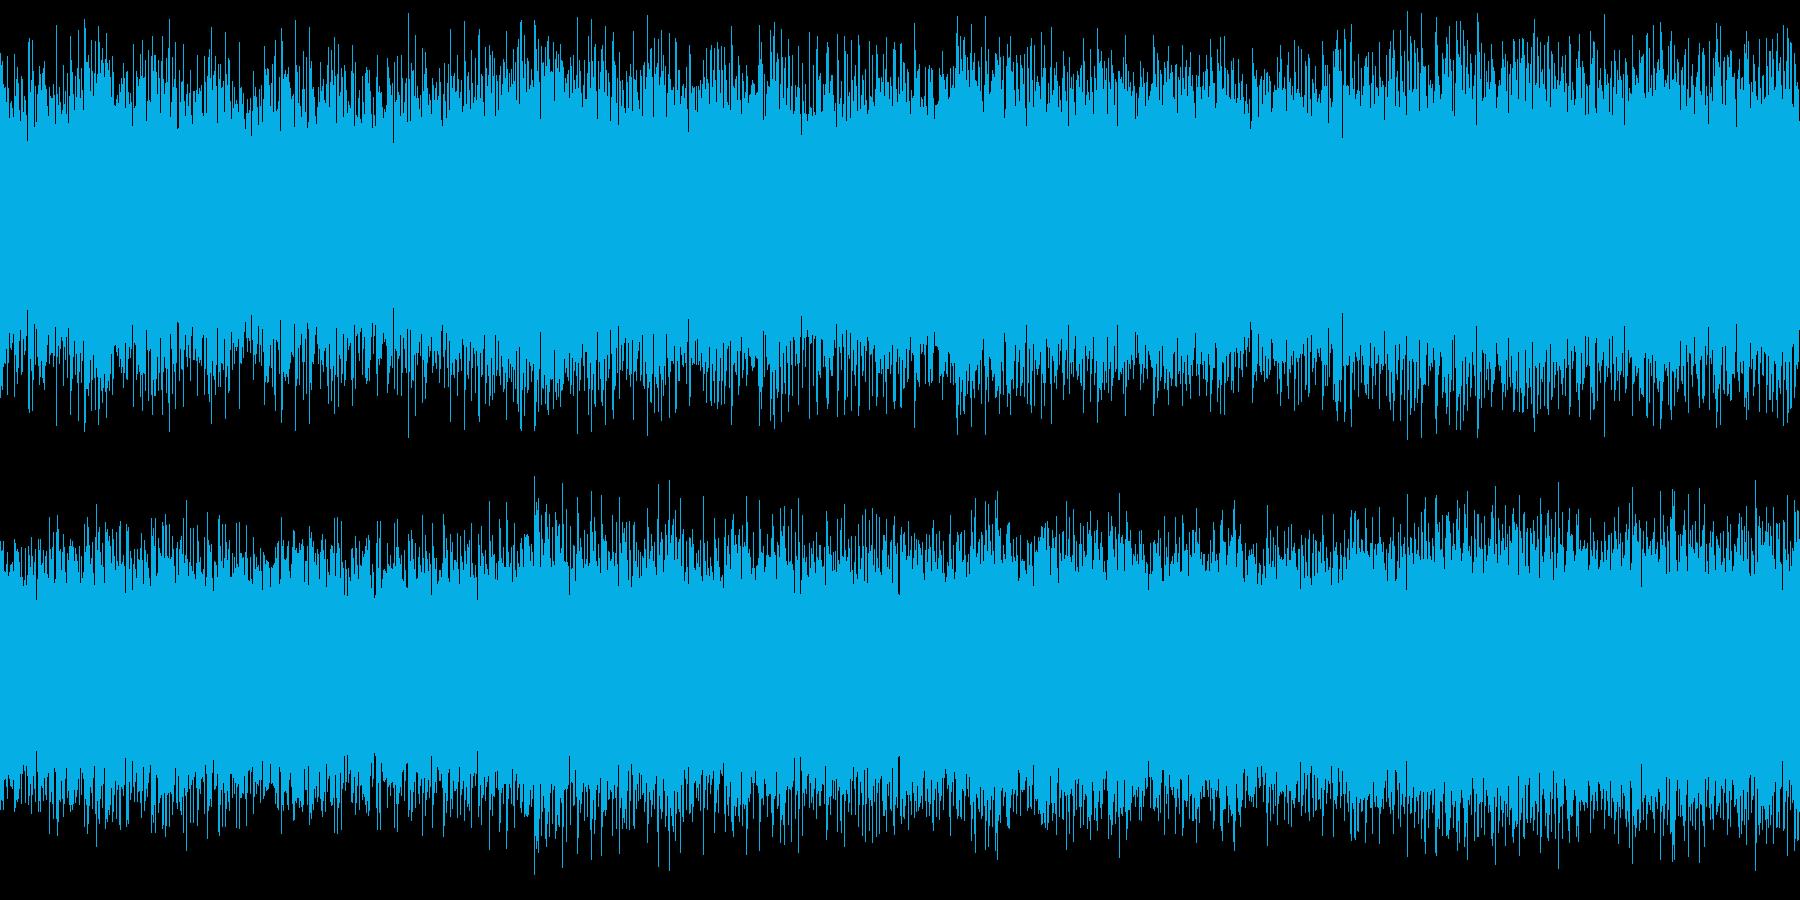 メニュー画面・汎用ループシンセの再生済みの波形